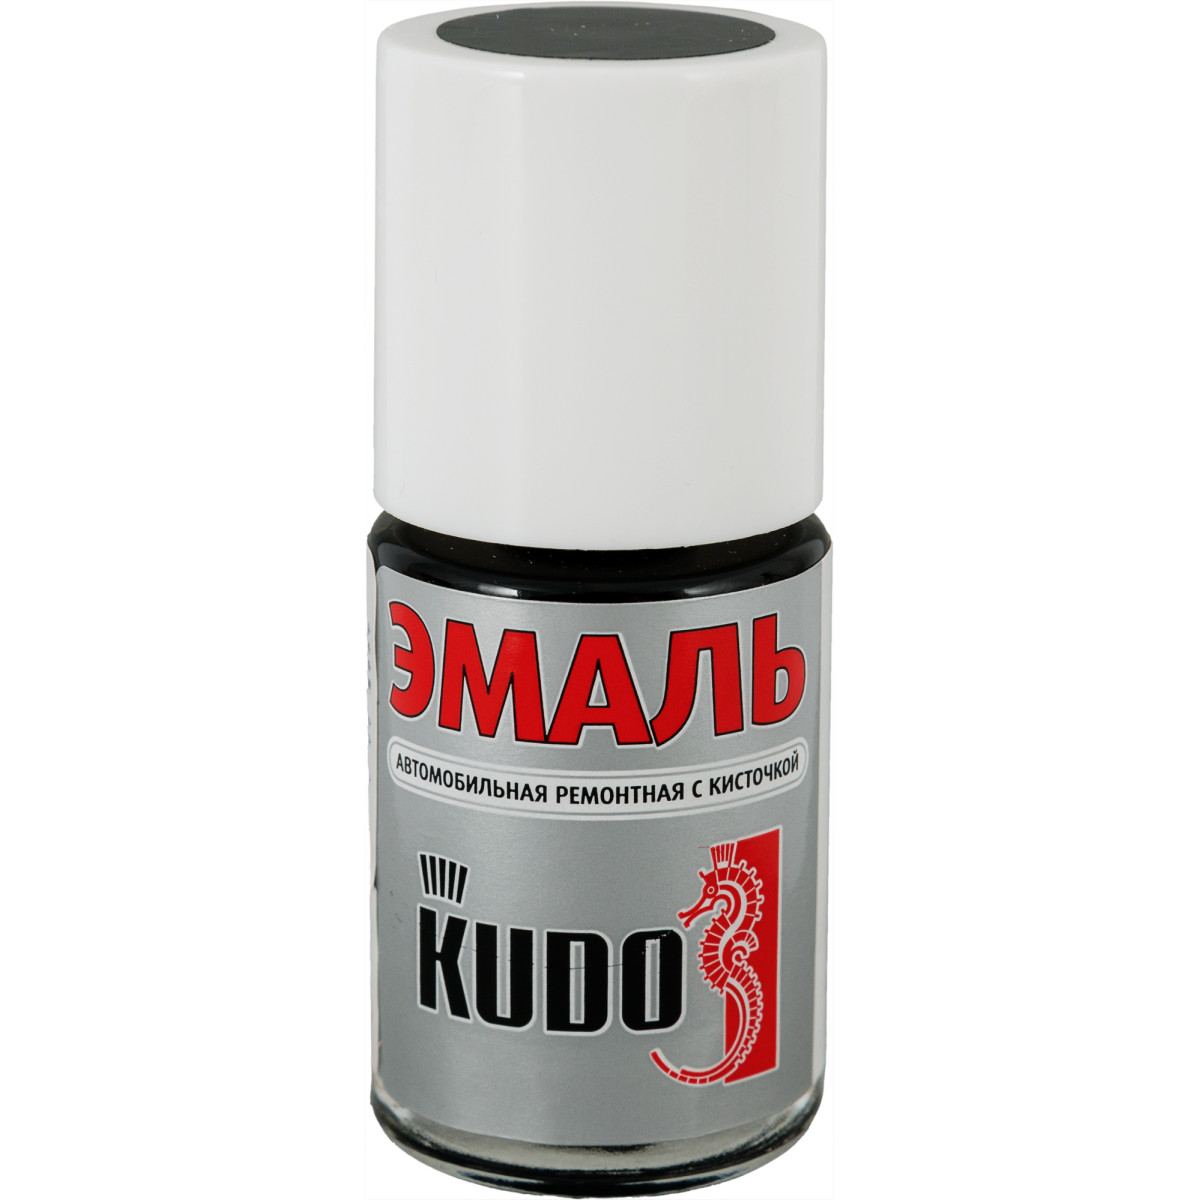 Эмаль автомобильная Kudo с кисточкой цвет Toyota 202 чёрный 15 мл